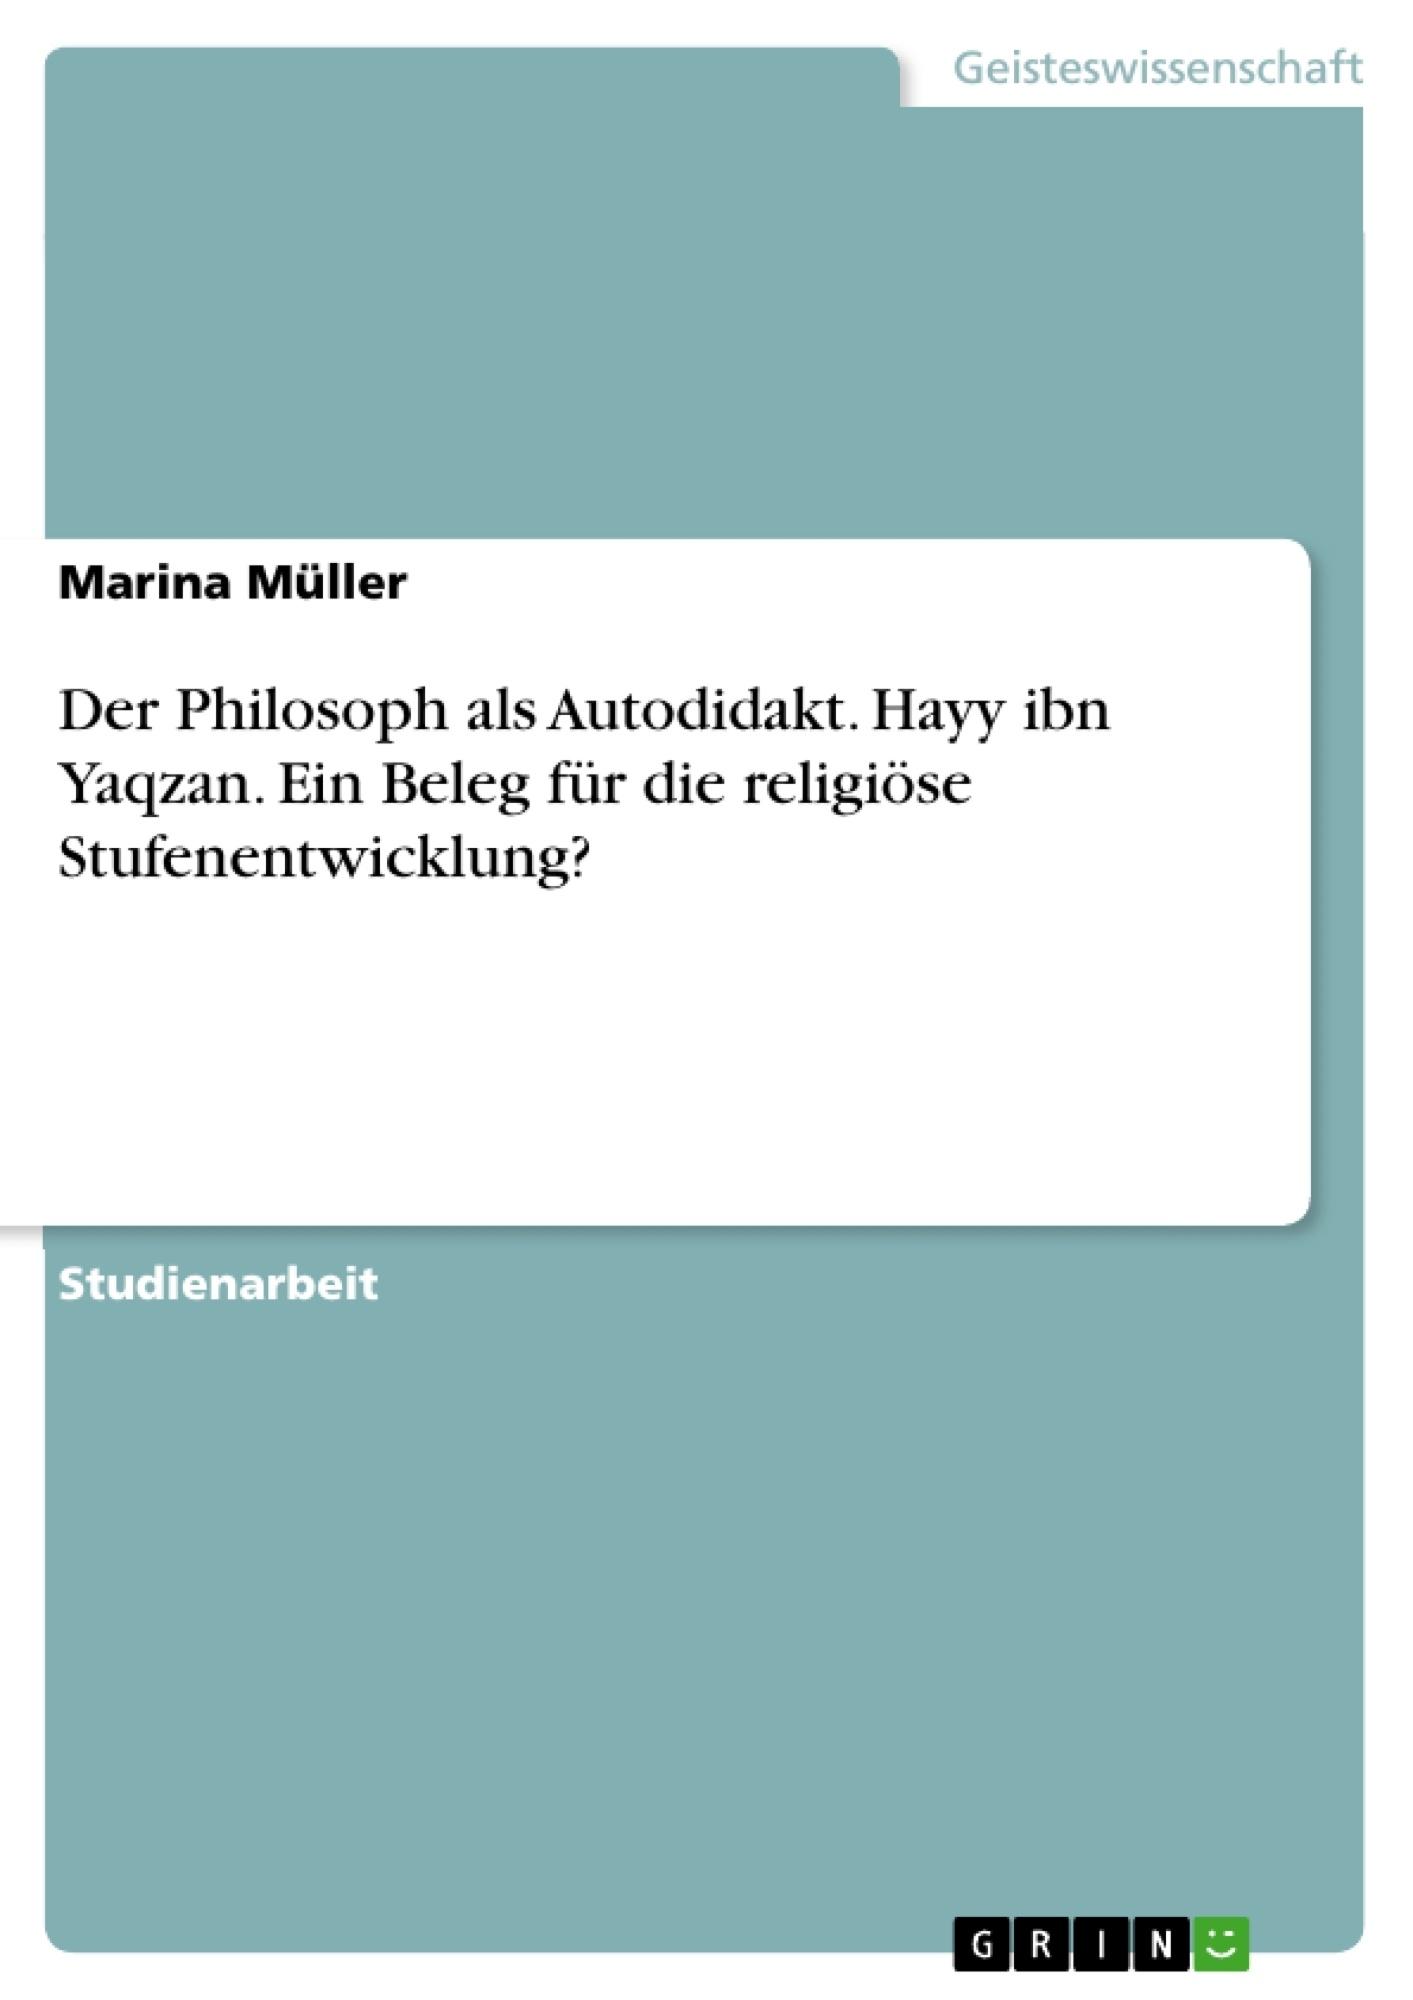 Titel: Der Philosoph als Autodidakt. Hayy ibn Yaqzan. Ein Beleg für die religiöse Stufenentwicklung?